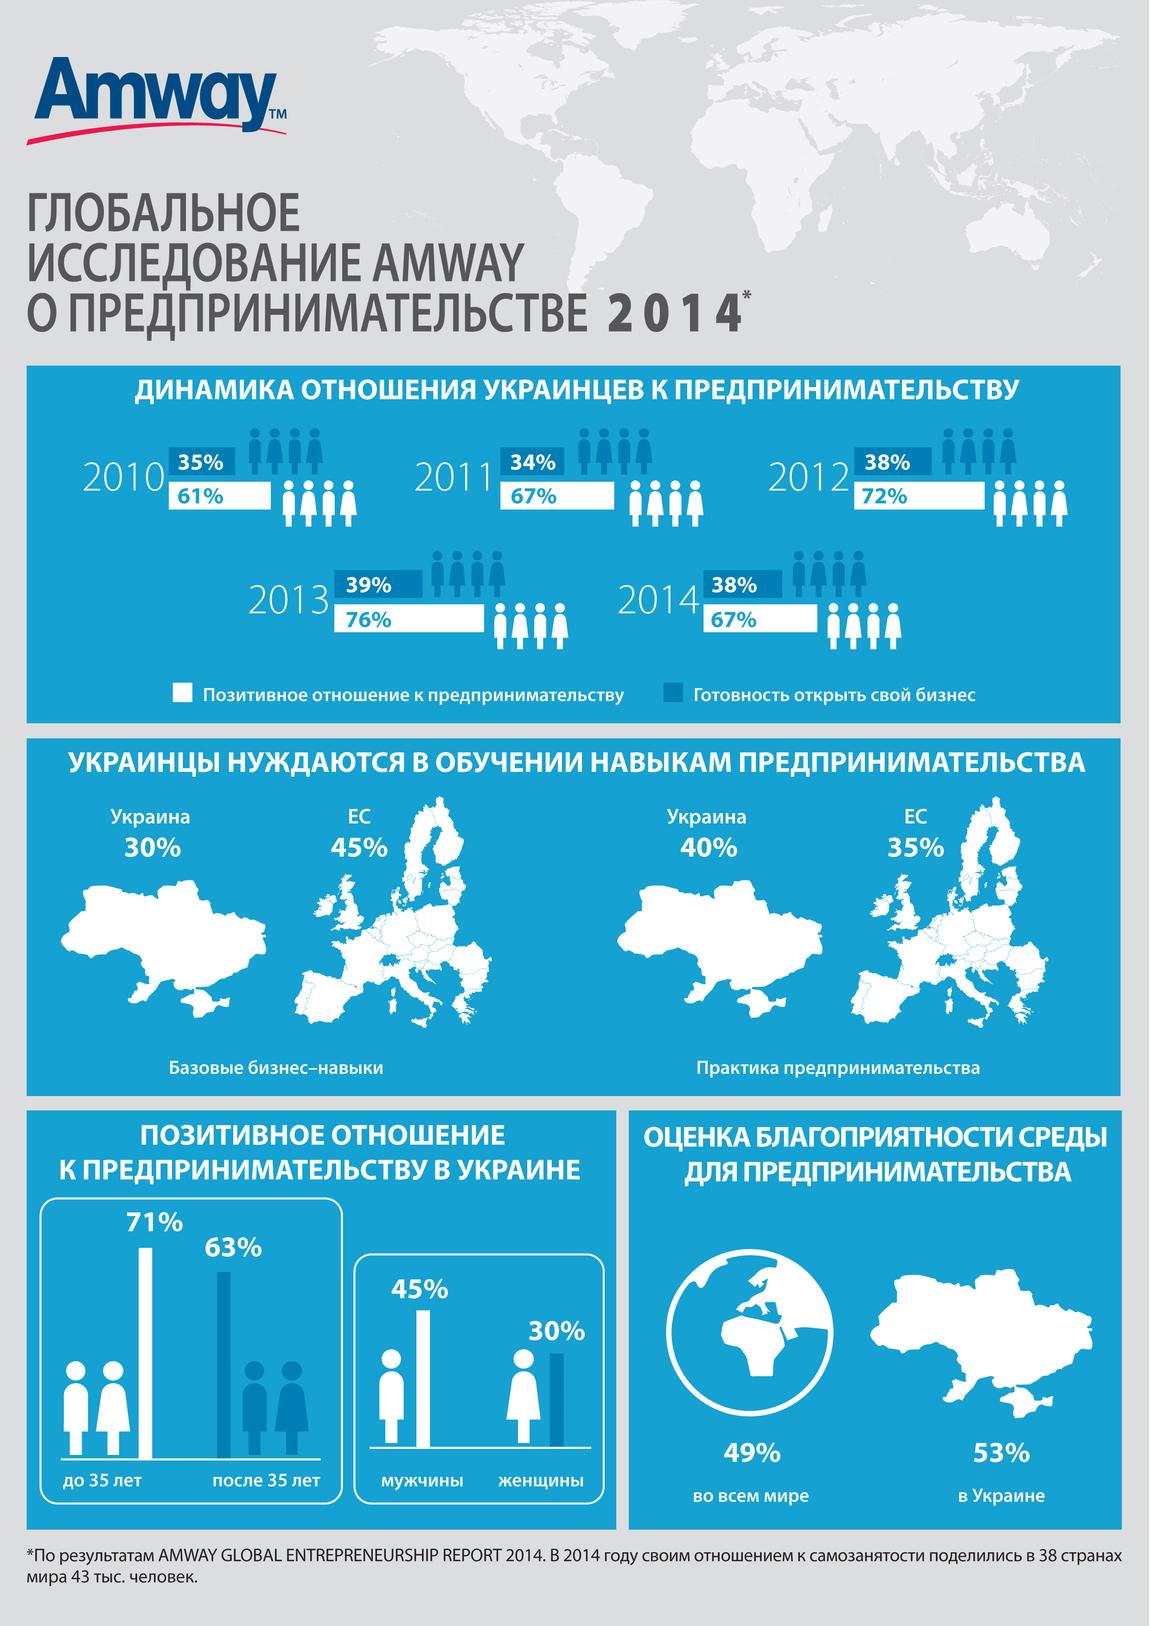 Около 40% украинцев отмечают, что хотели бы получить практические предпринимательские навыки, чтобы впоследствии открыть собственное дело